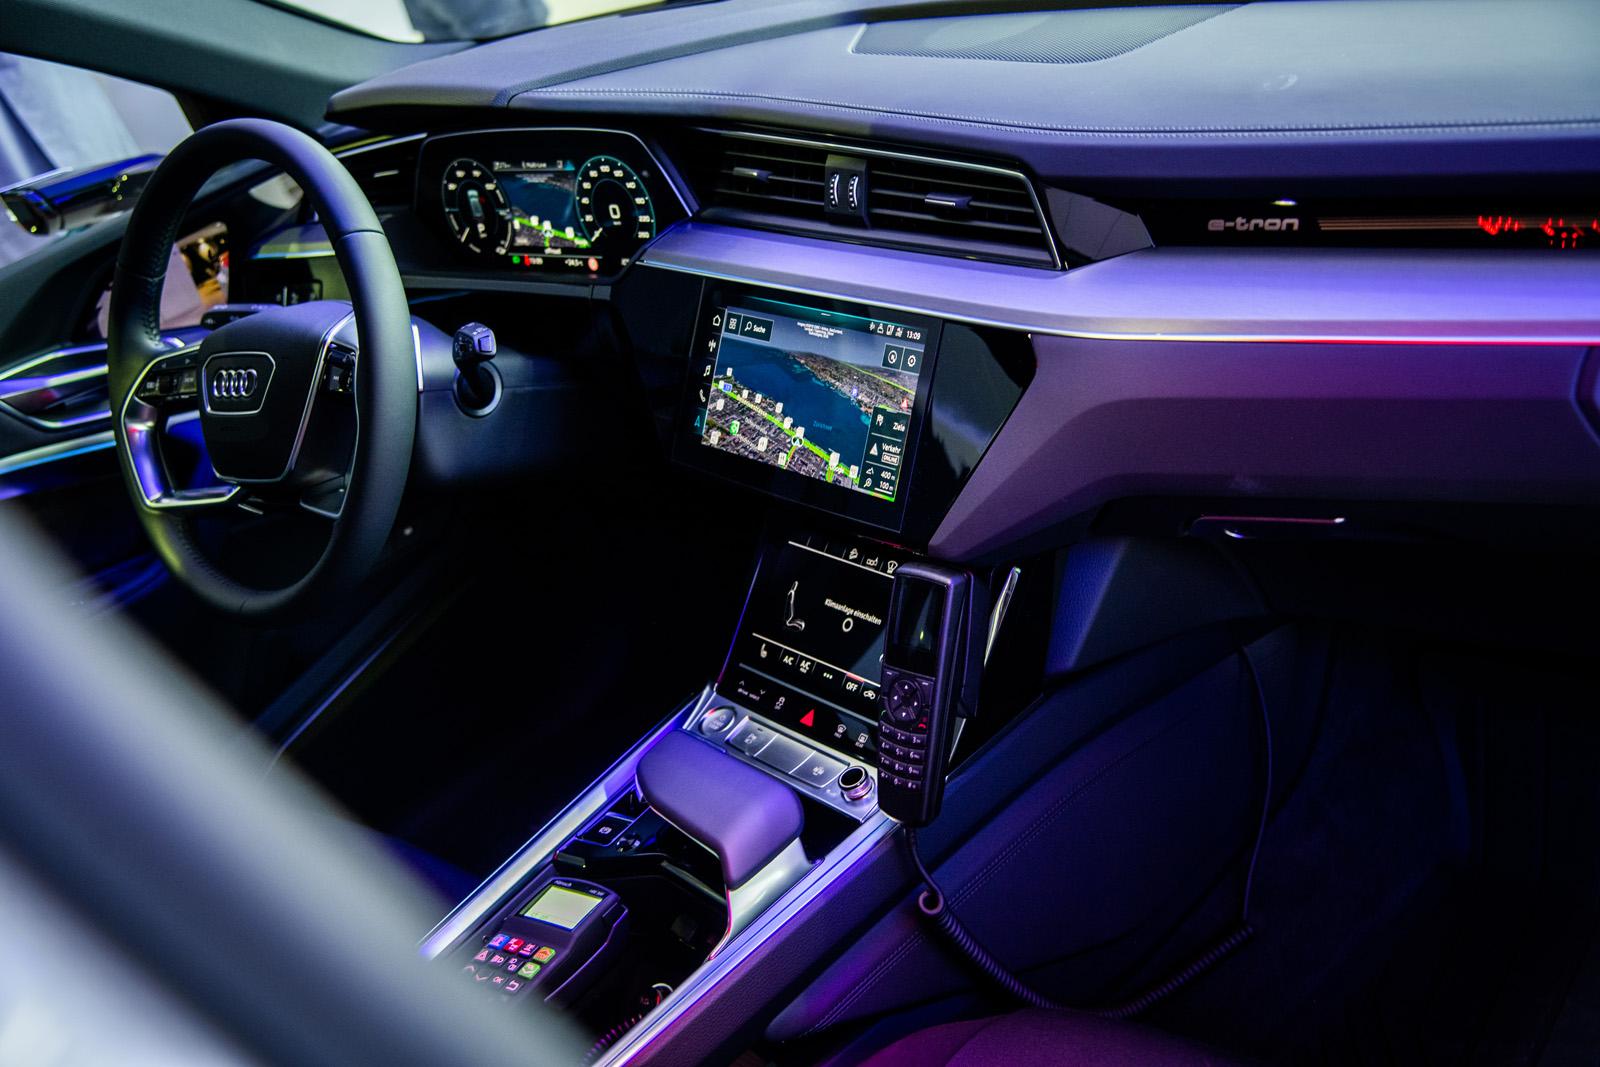 Un'auto della polizia può essere anche elegante: l'apparecchio radio trova posto nella console centrale. (Thomas Buchwalder)